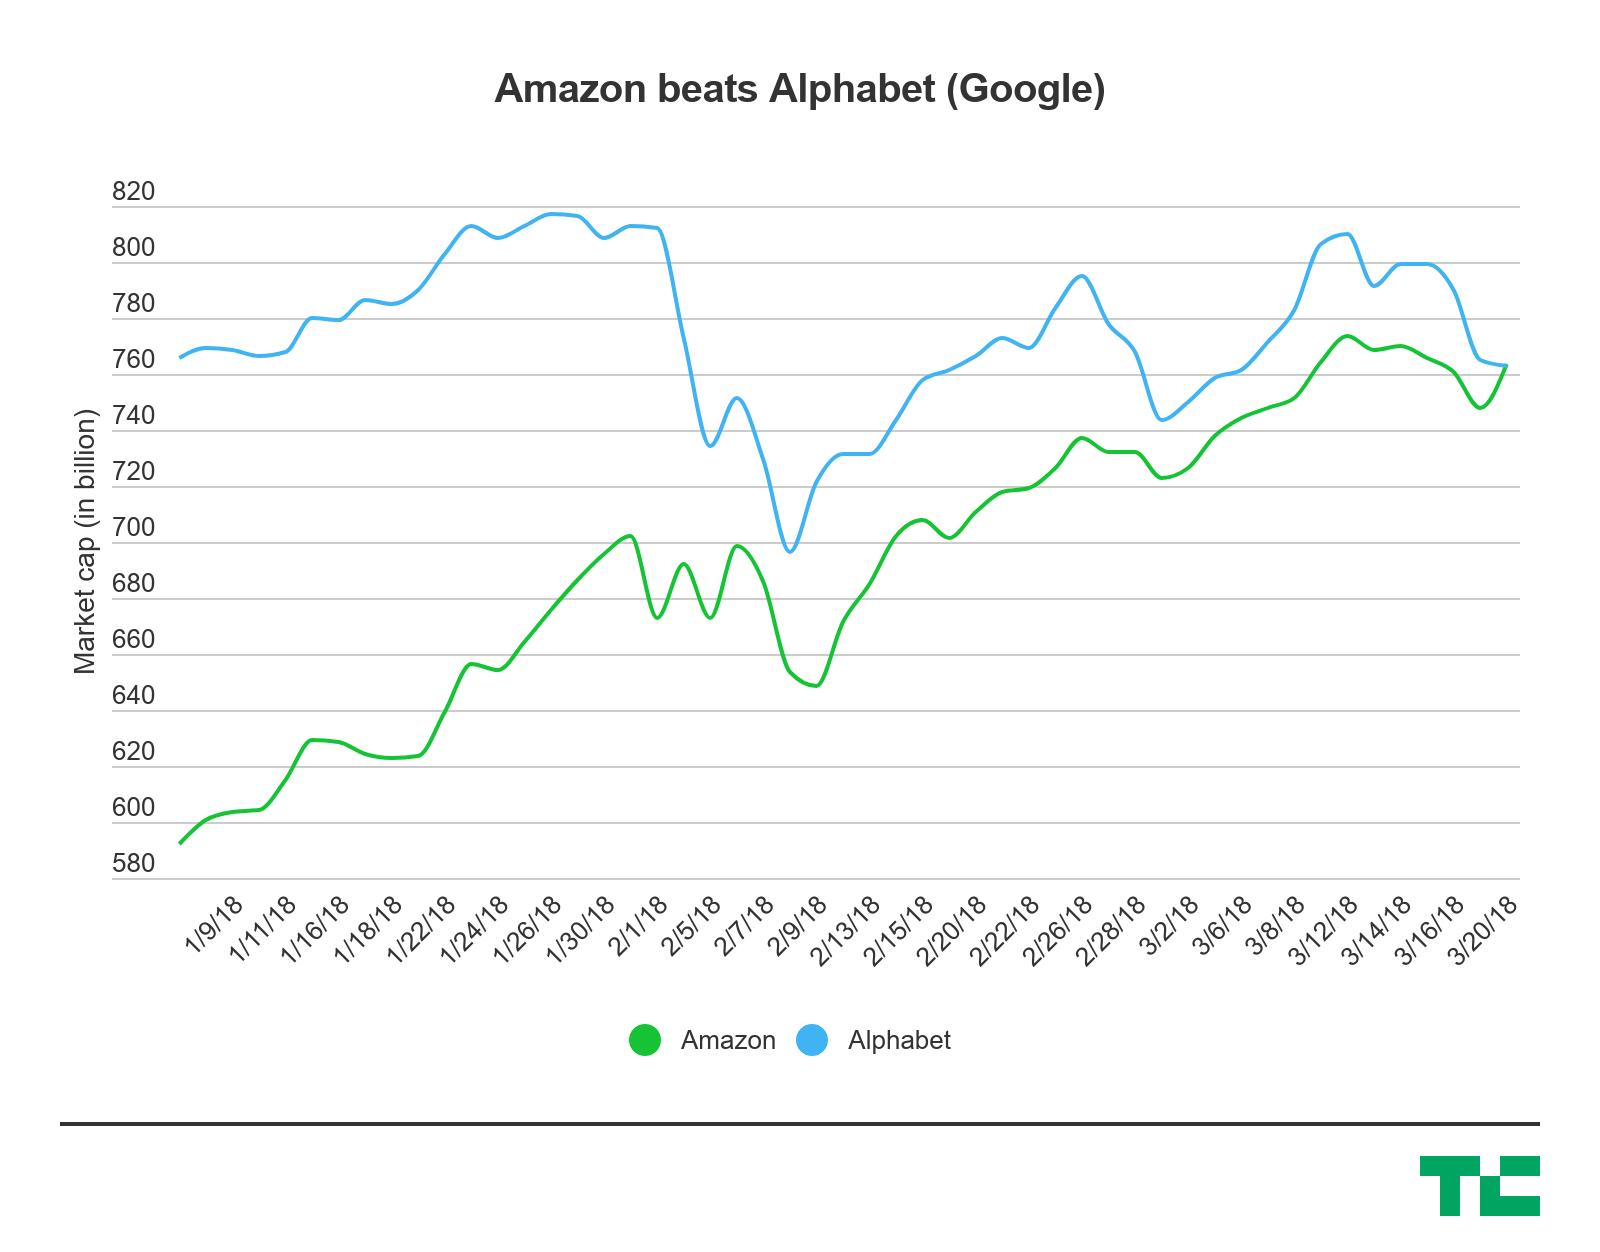 Amazon Beats Alphabet